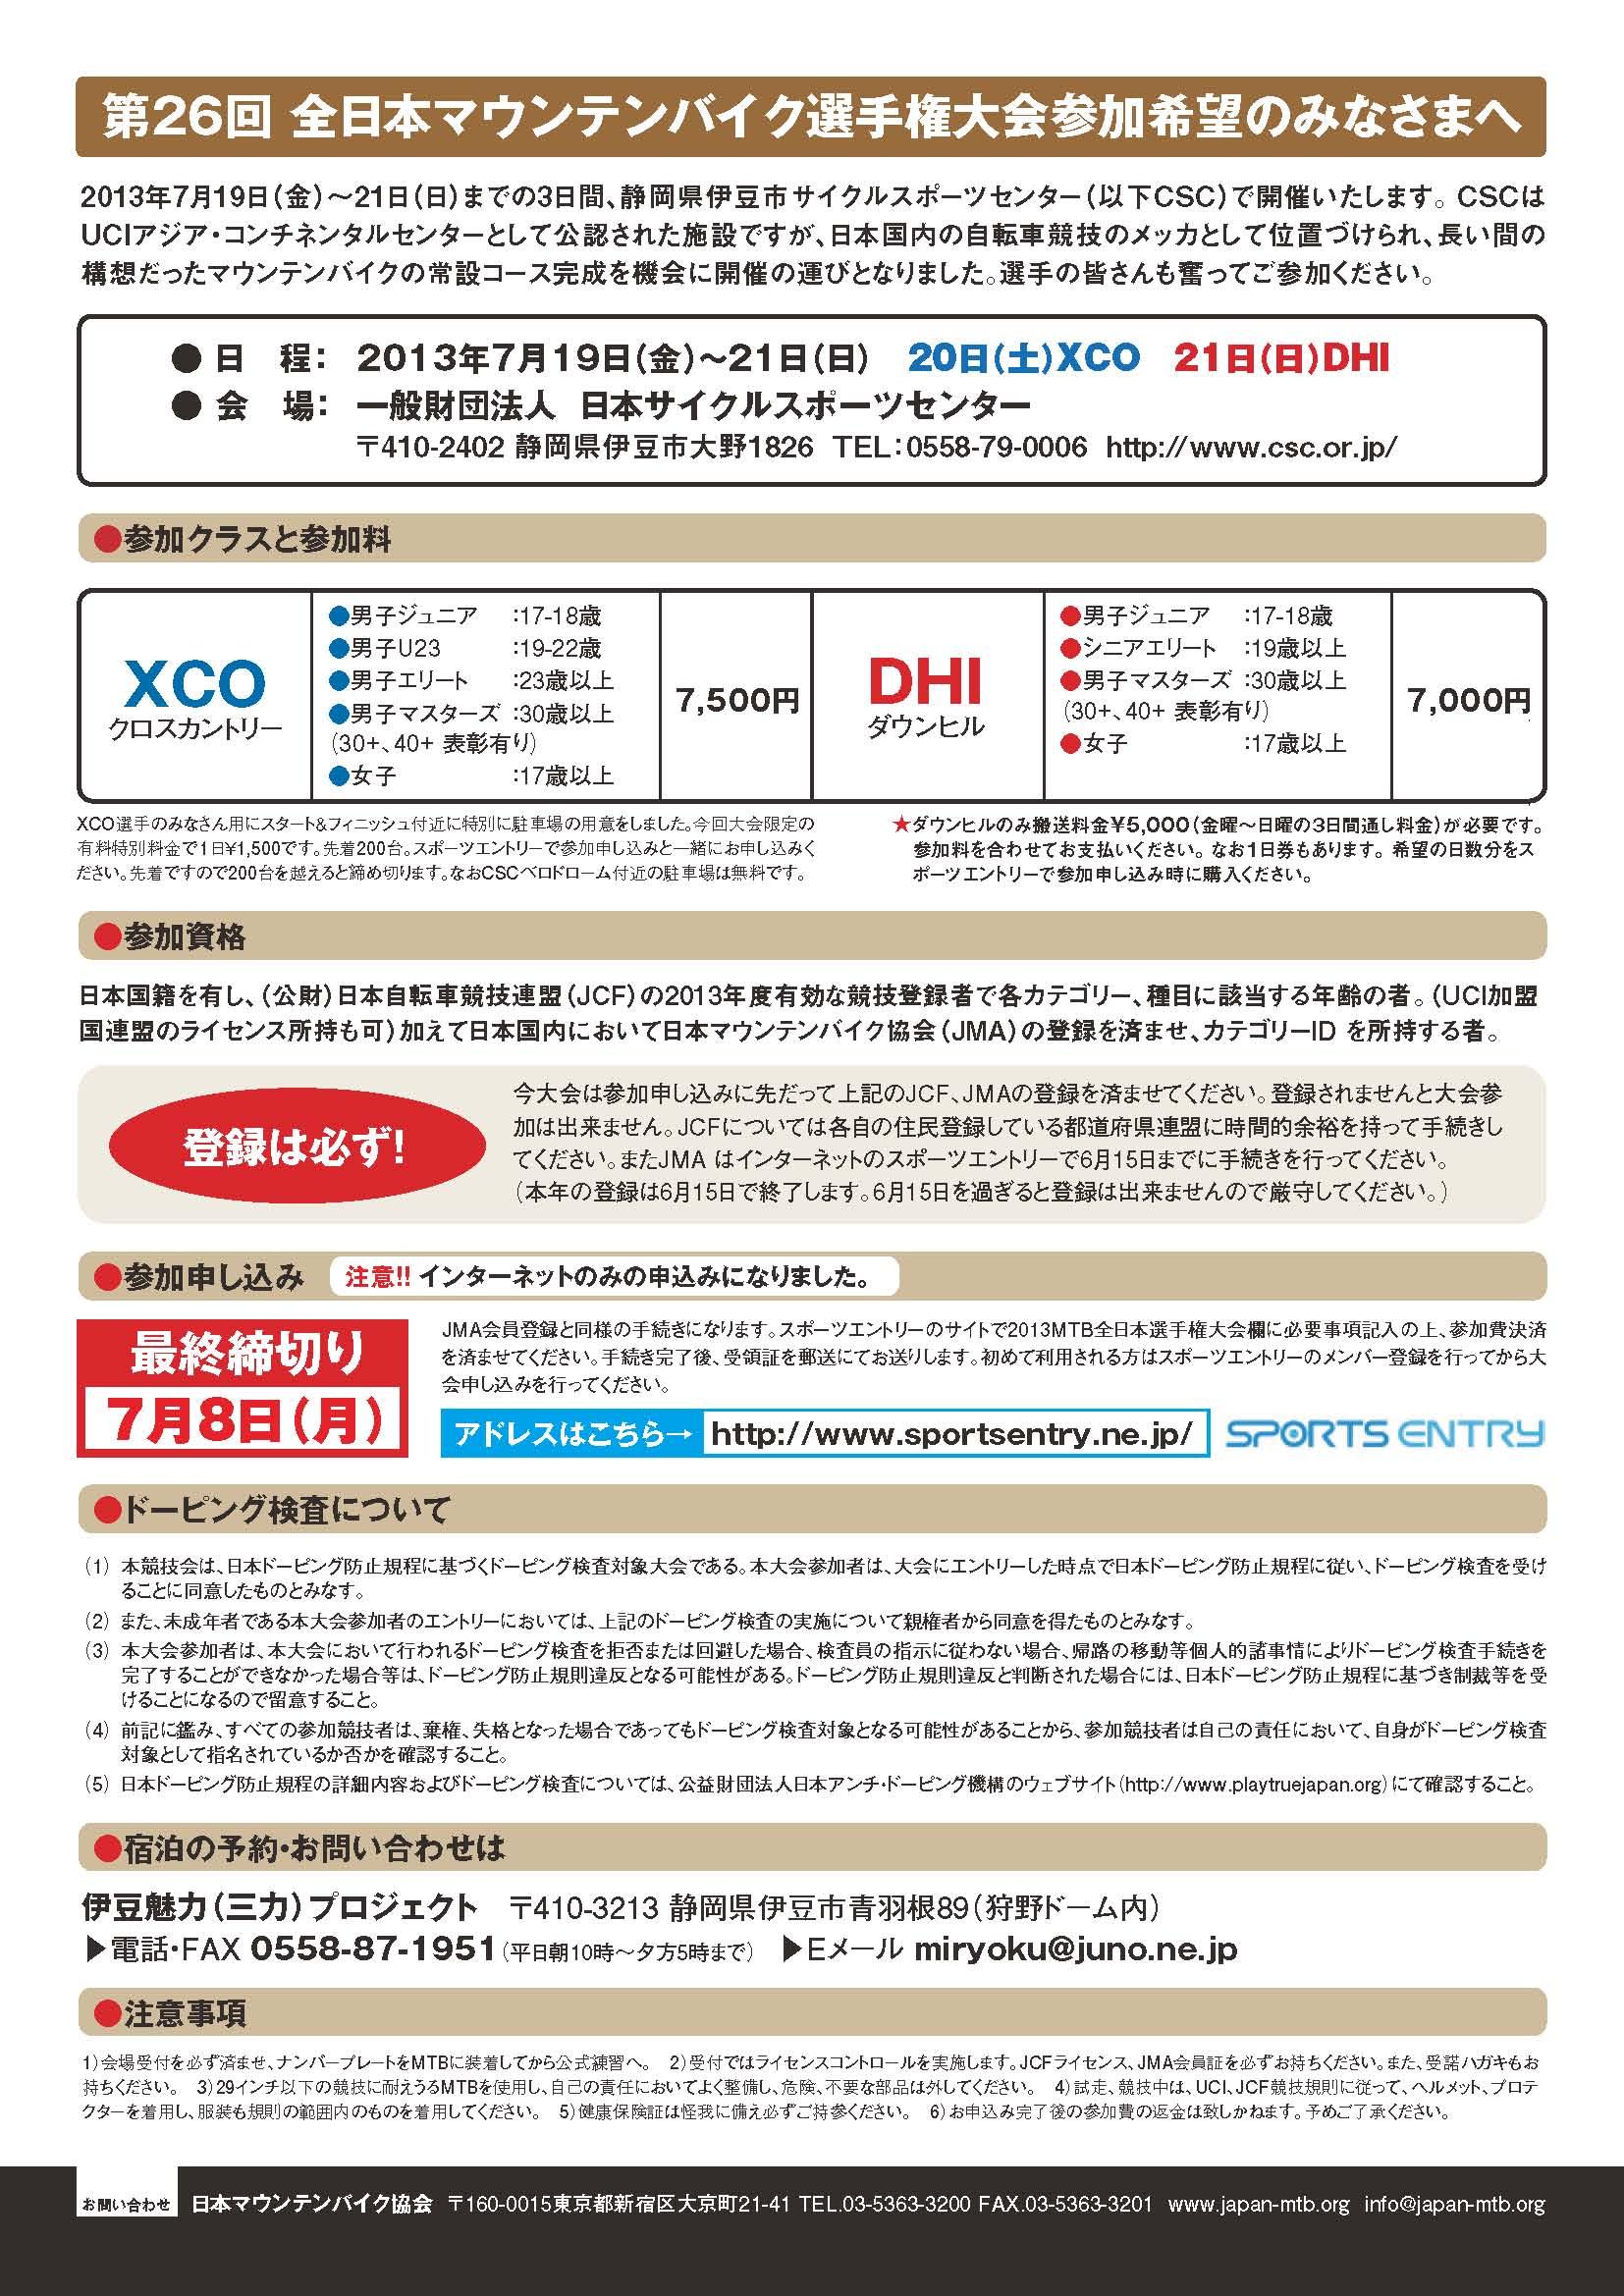 2013jnmtbc_fujimi_b_v10